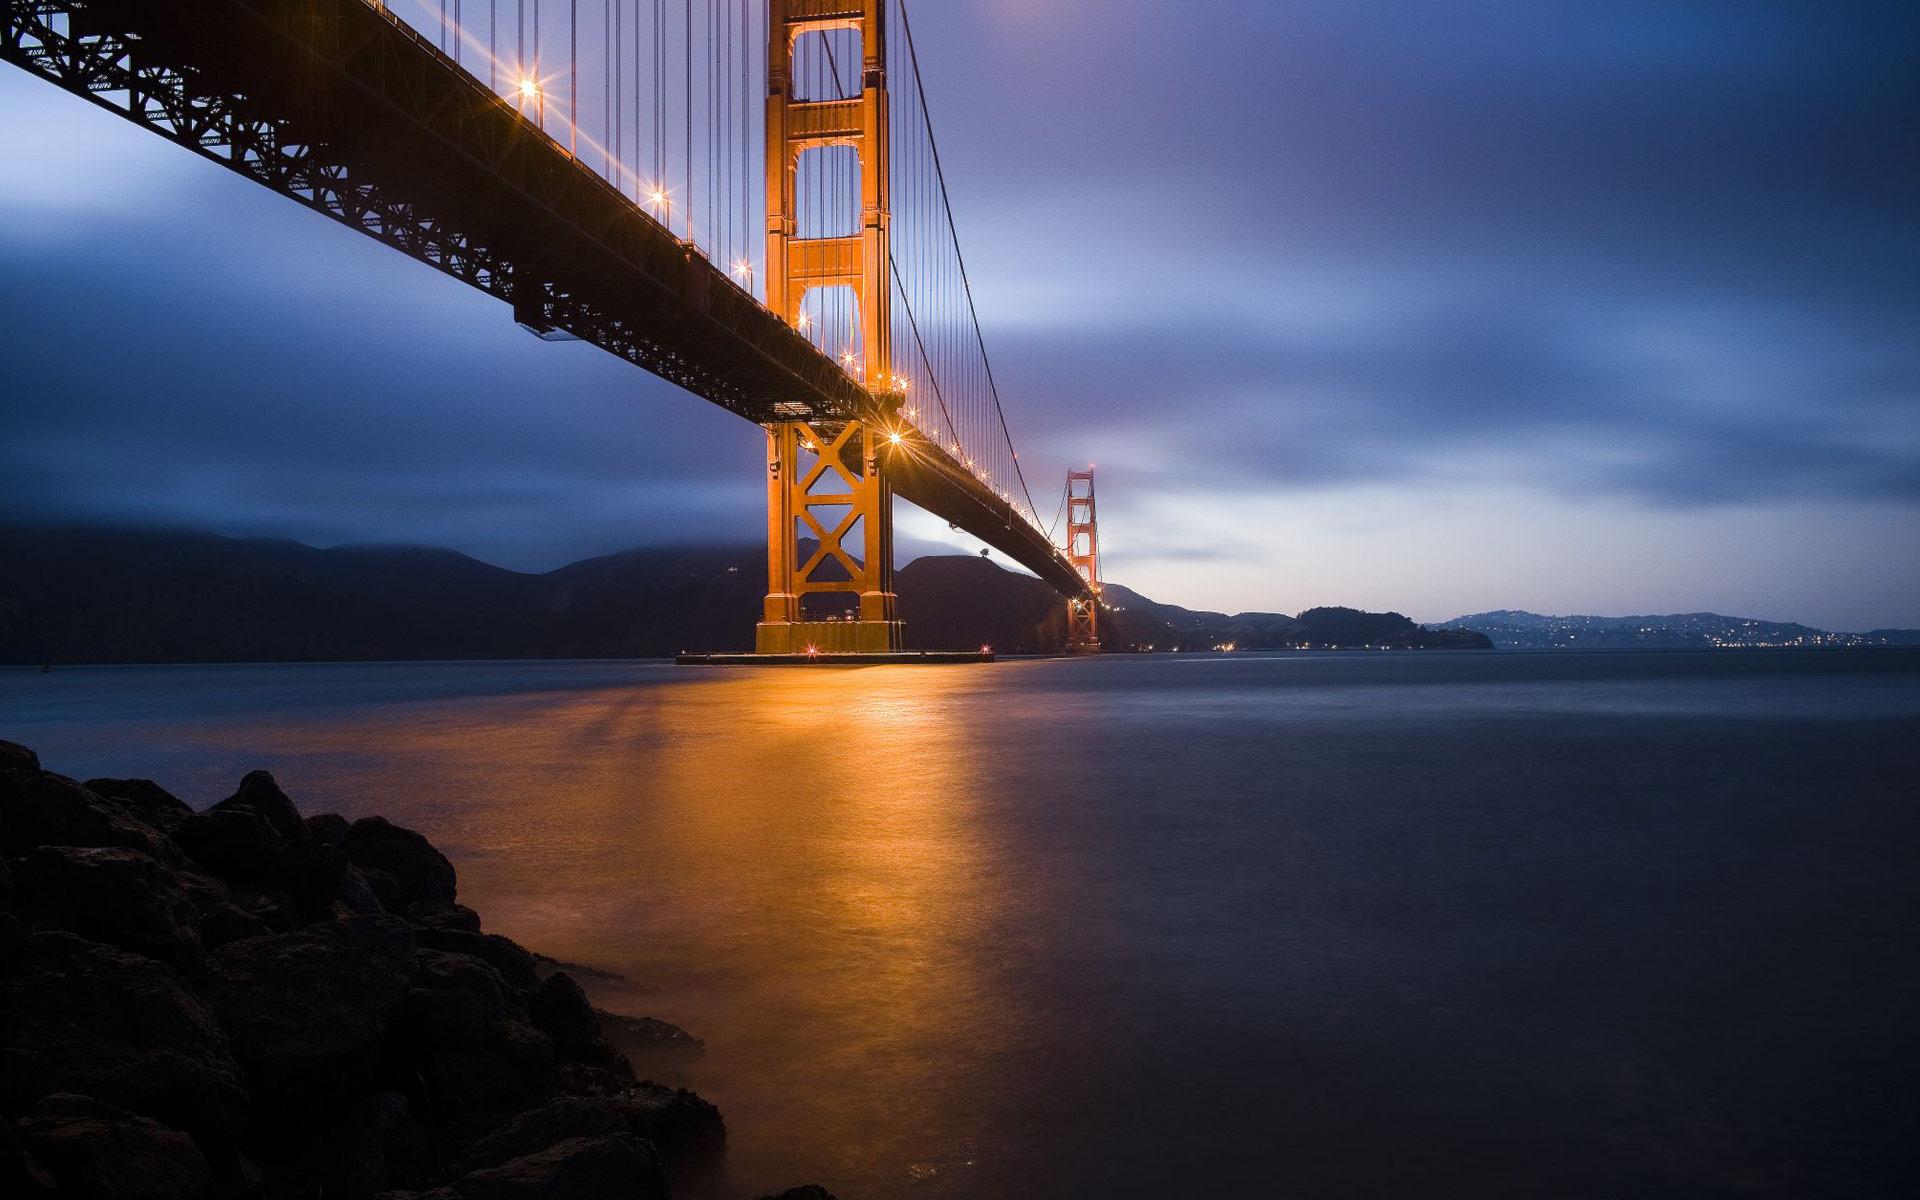 Widescreen HD Bridge Wallpapers Bridge Backgrounds For Download 1920x1200